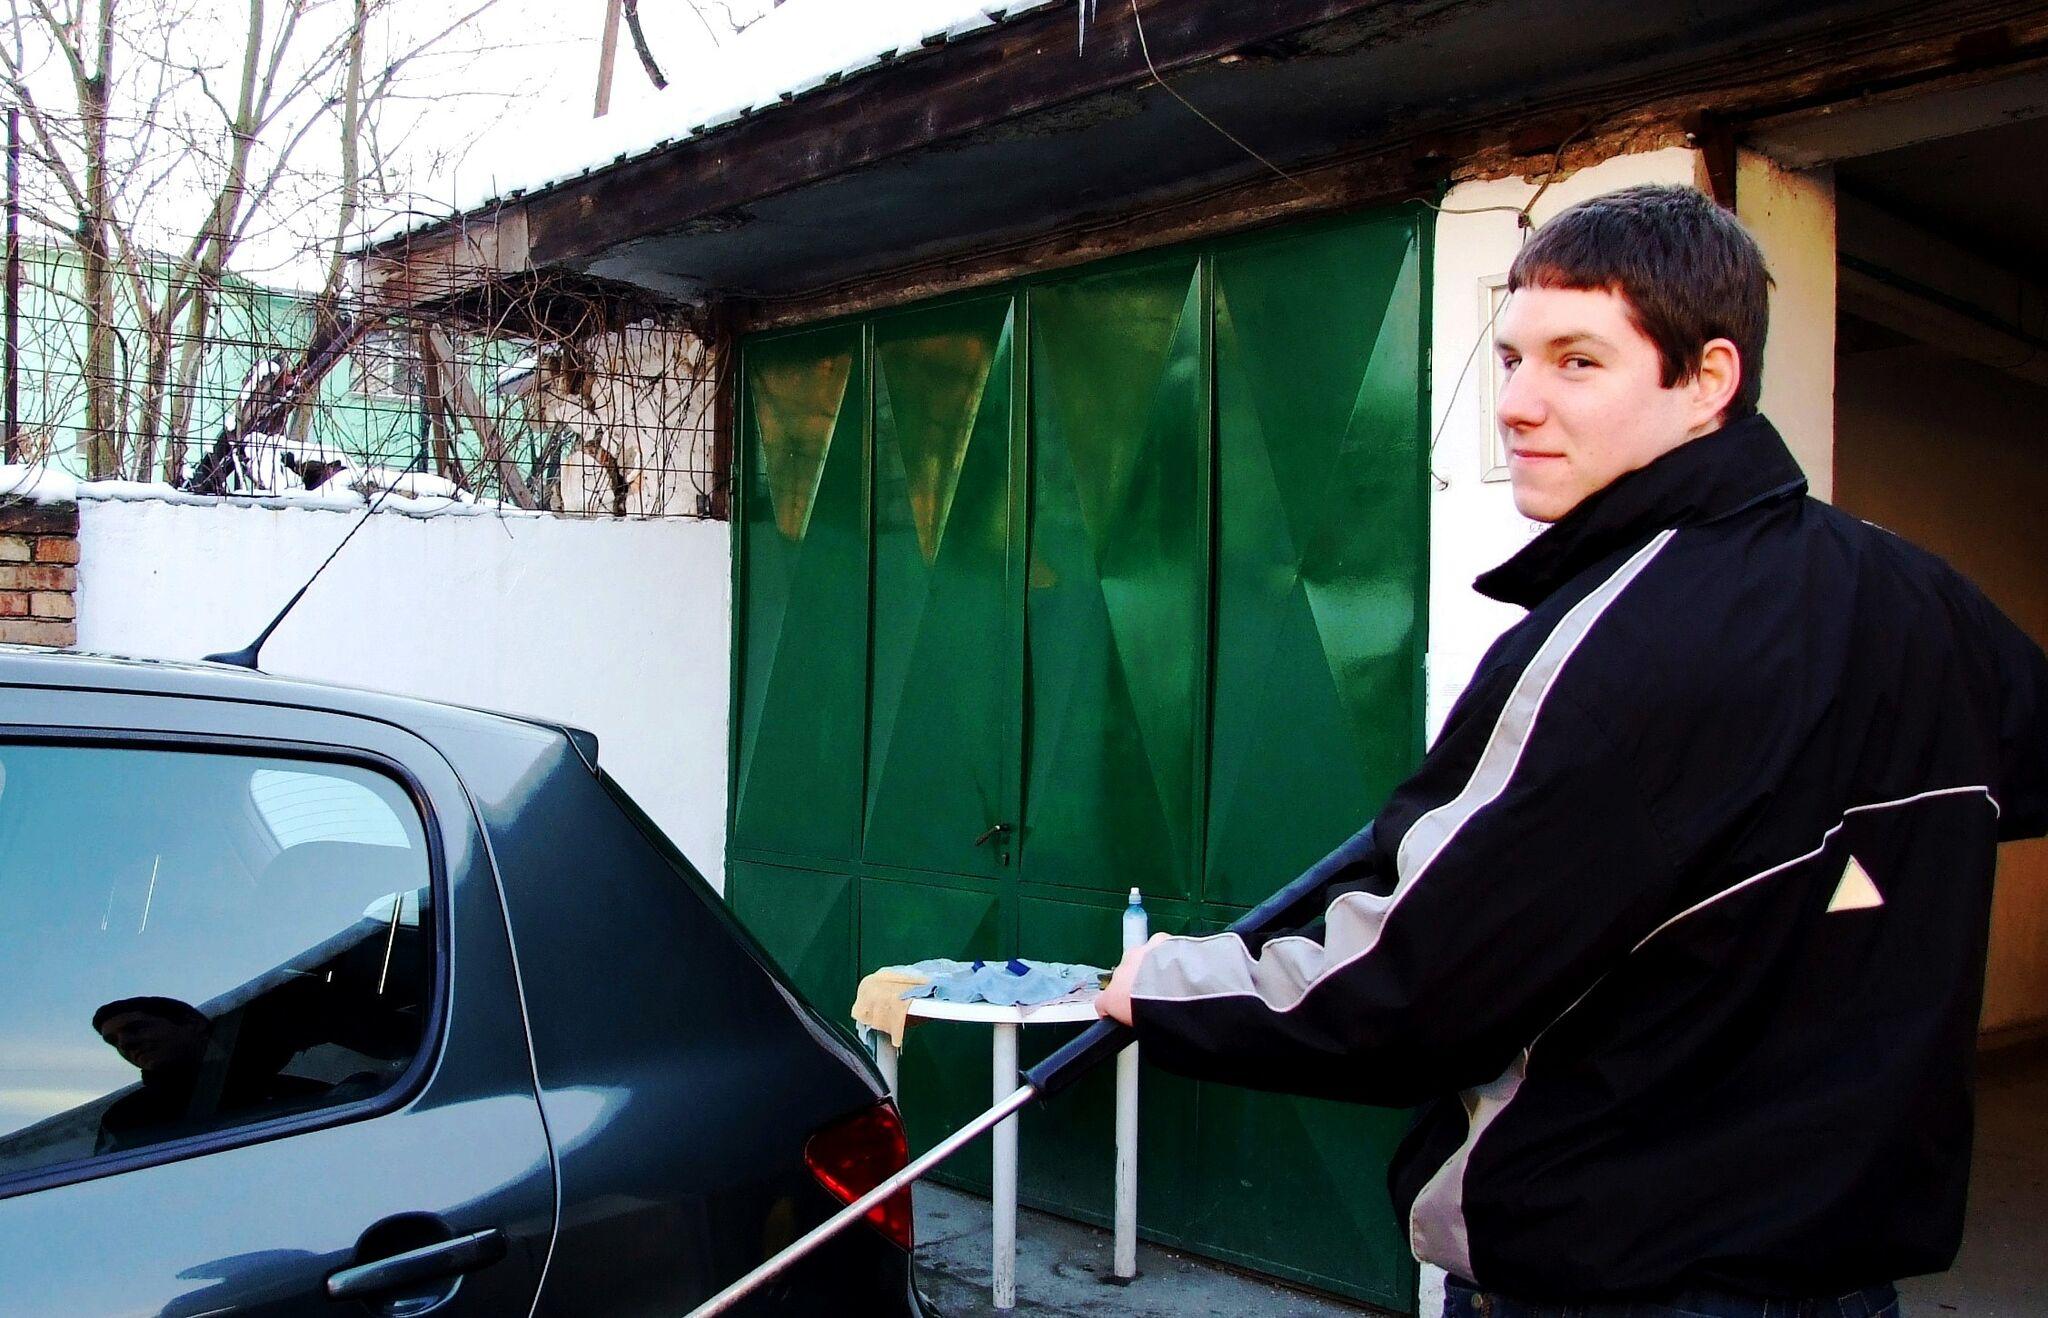 Aleksandar, un beneficiario del programa, ahora orgulloso propietario de una estación de lavado de autos